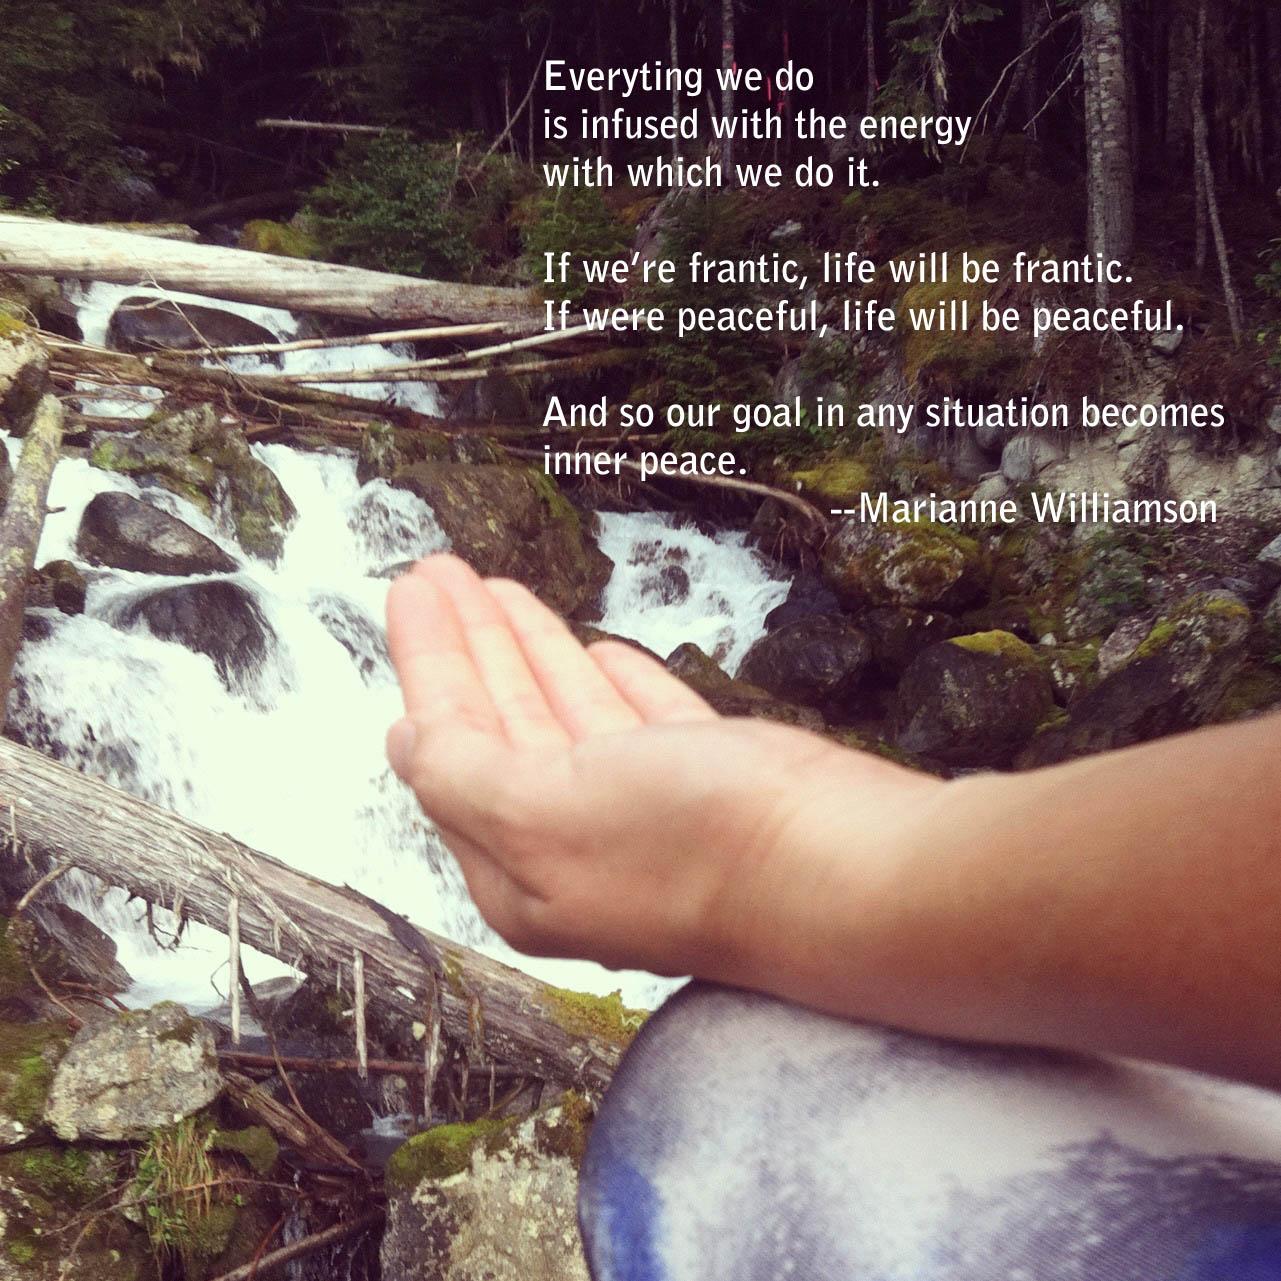 Inner-Peace-Marianne-Williamson.jpg